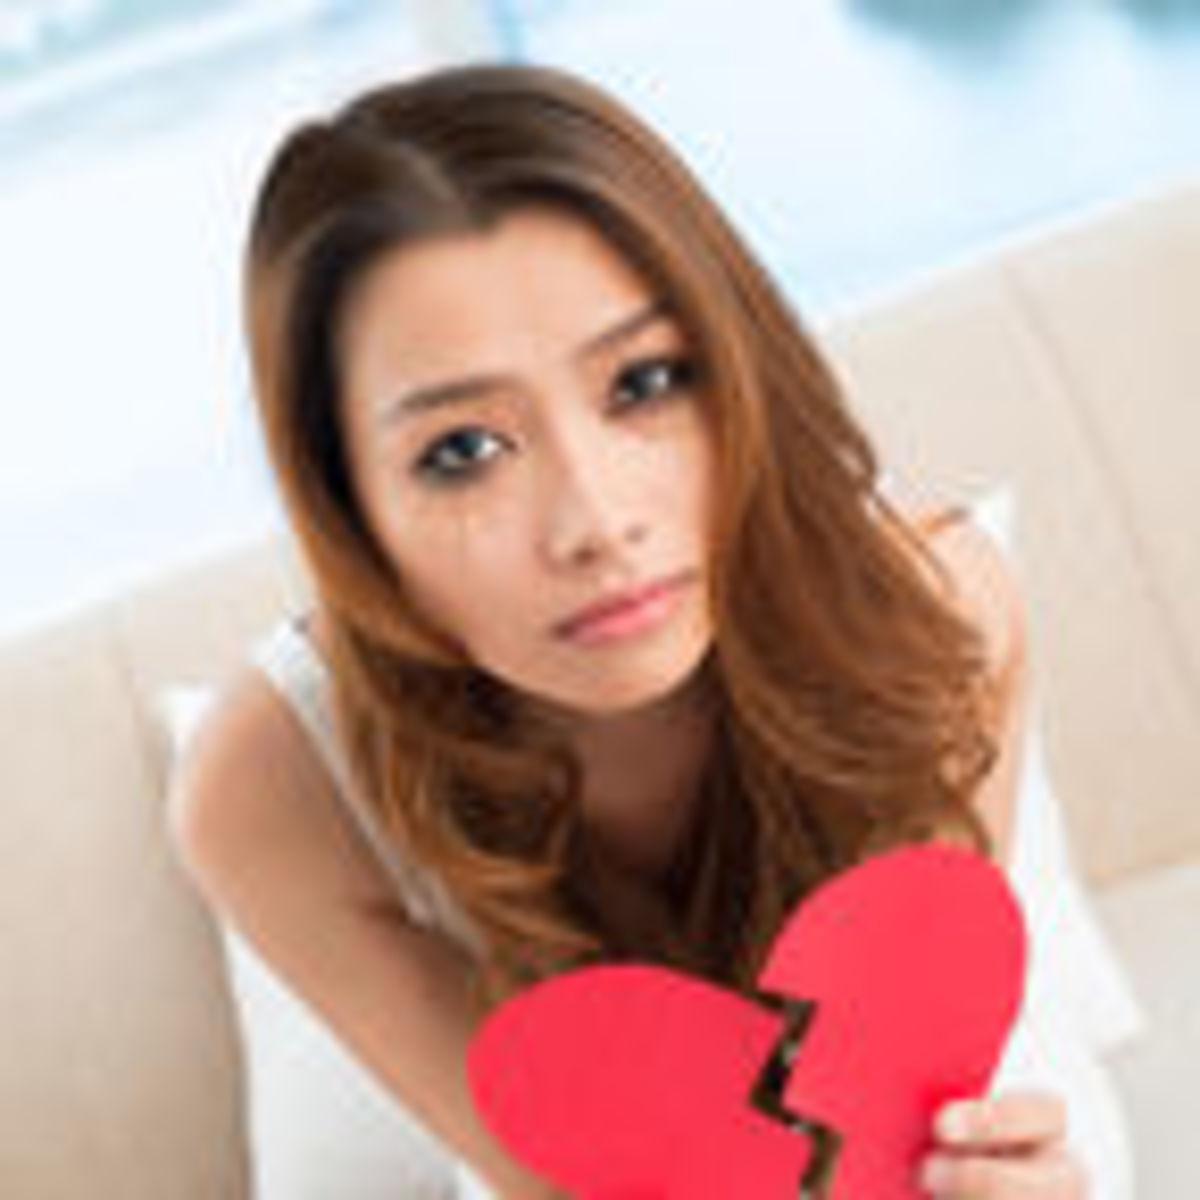 házasság nem randi ep 12 eng sub letöltés